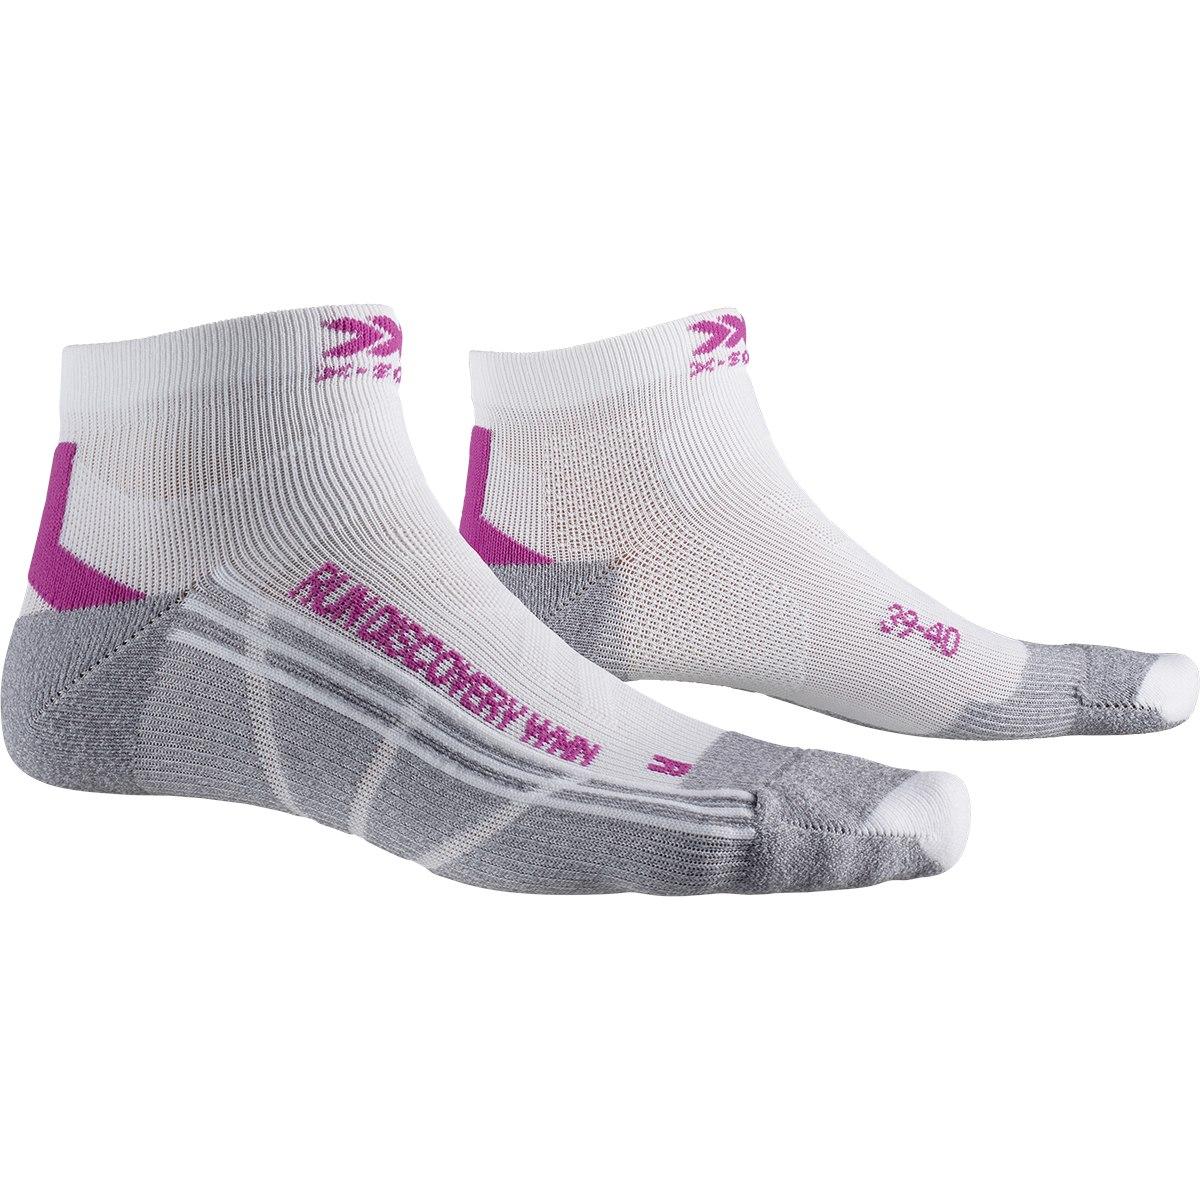 X-Socks Run Discovery Damen Laufsocken - white/twyce purple/grey melange